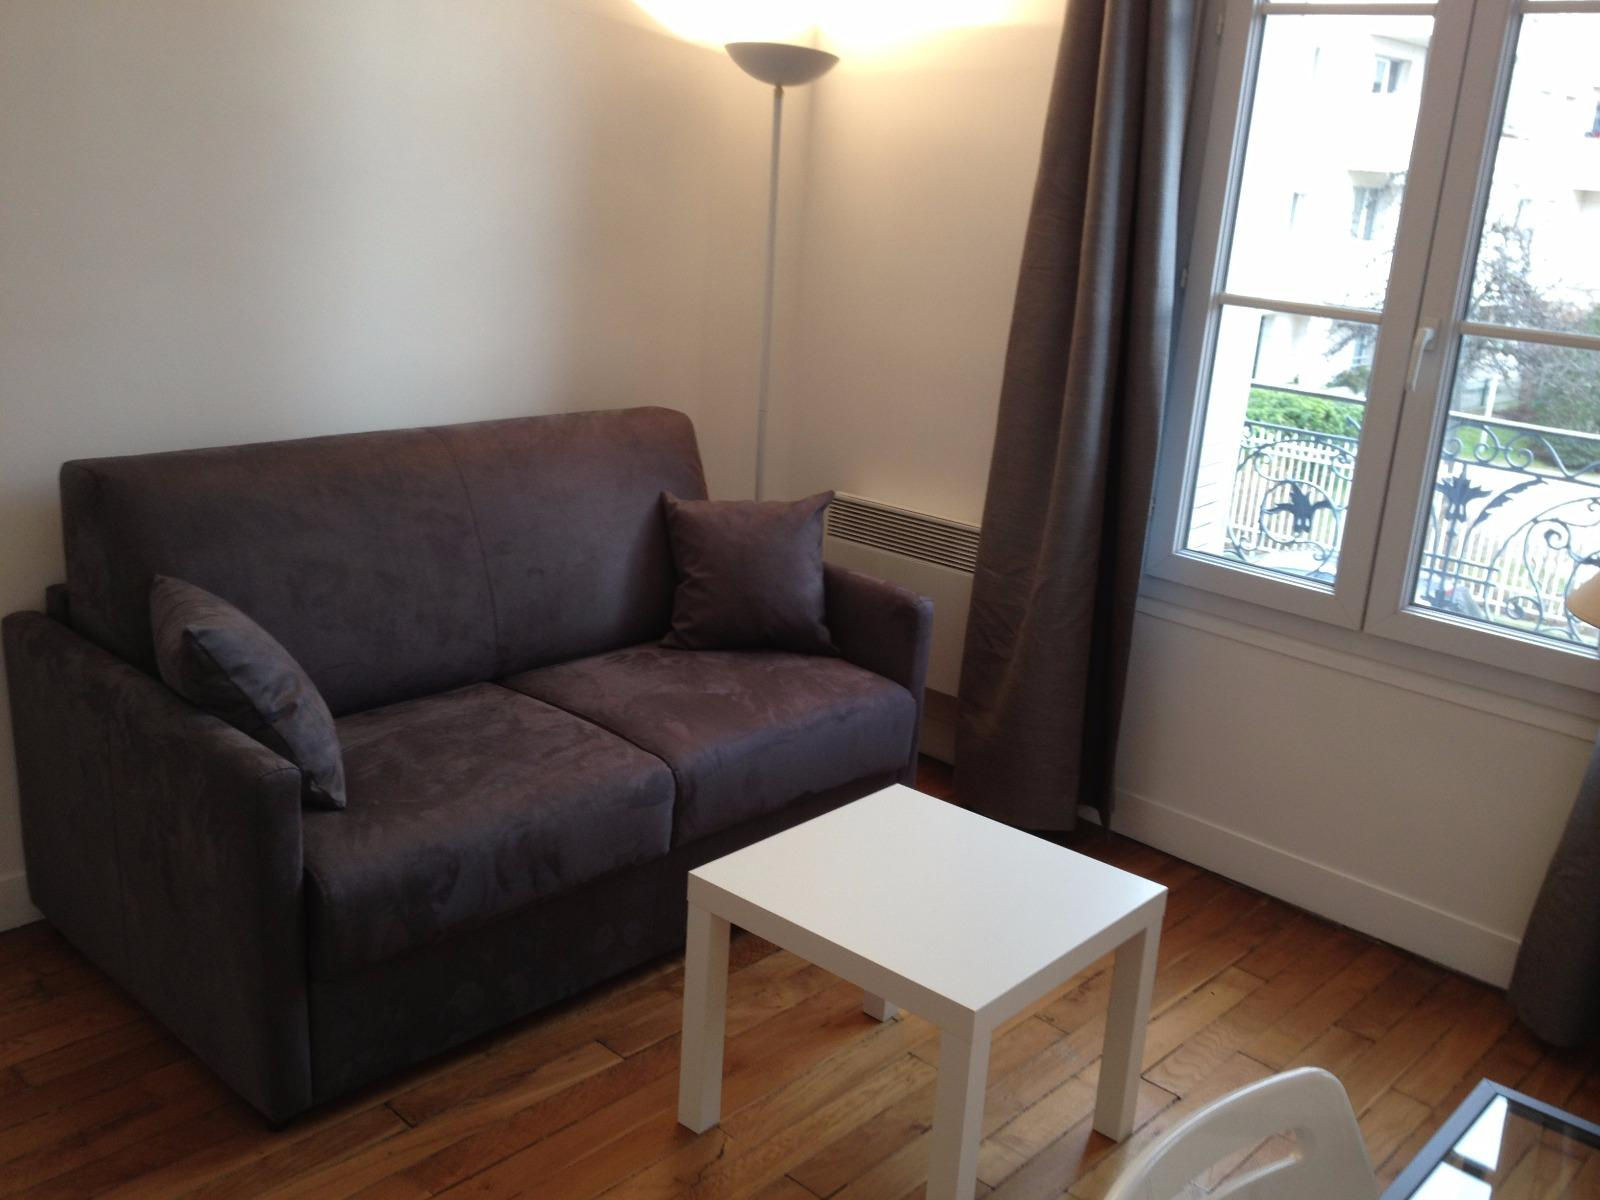 Location bsi boulogne - Location meuble boulogne billancourt ...